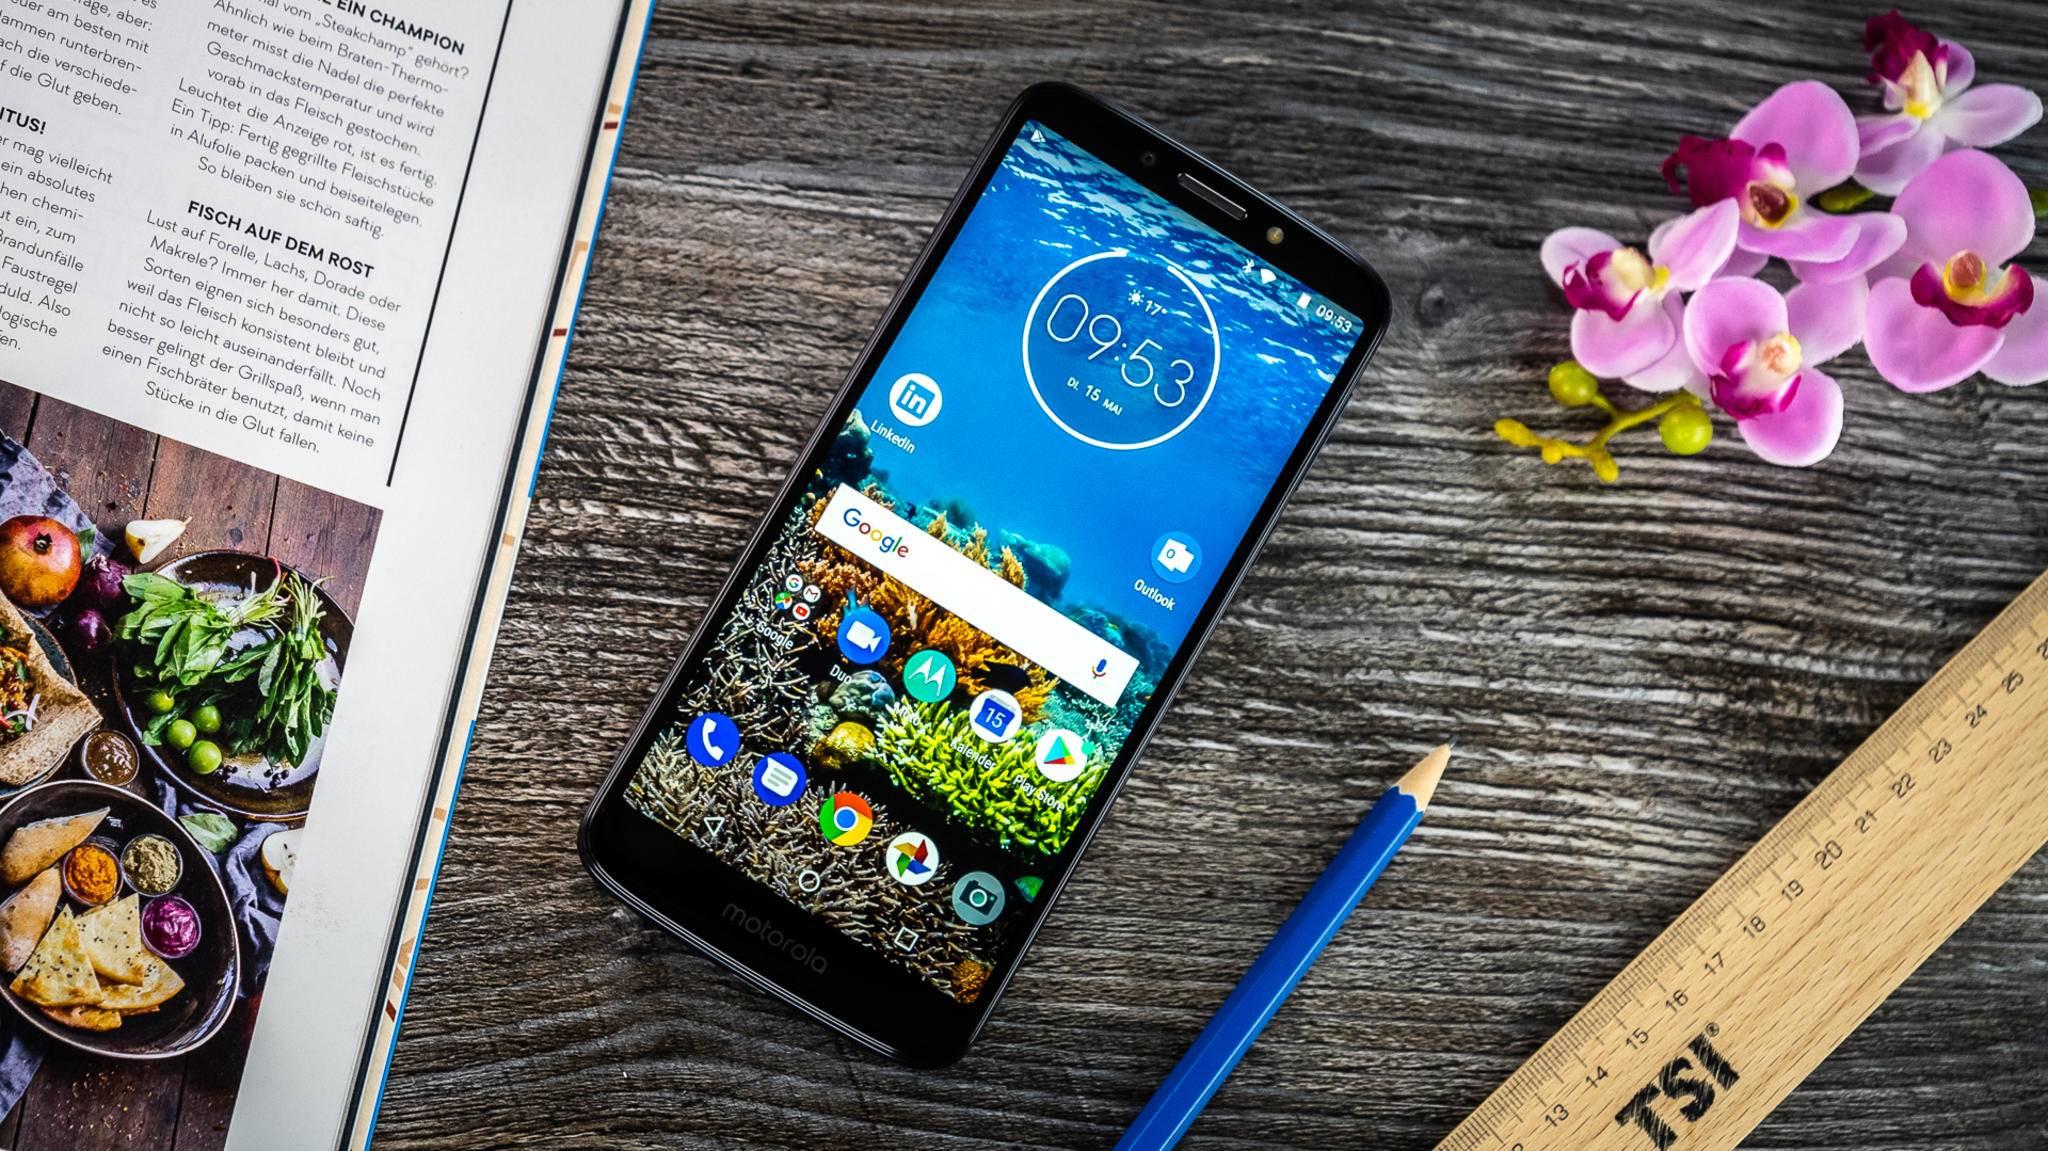 Das Motorola Moto G6 Play setzt auf das längliche 18:9-Format.